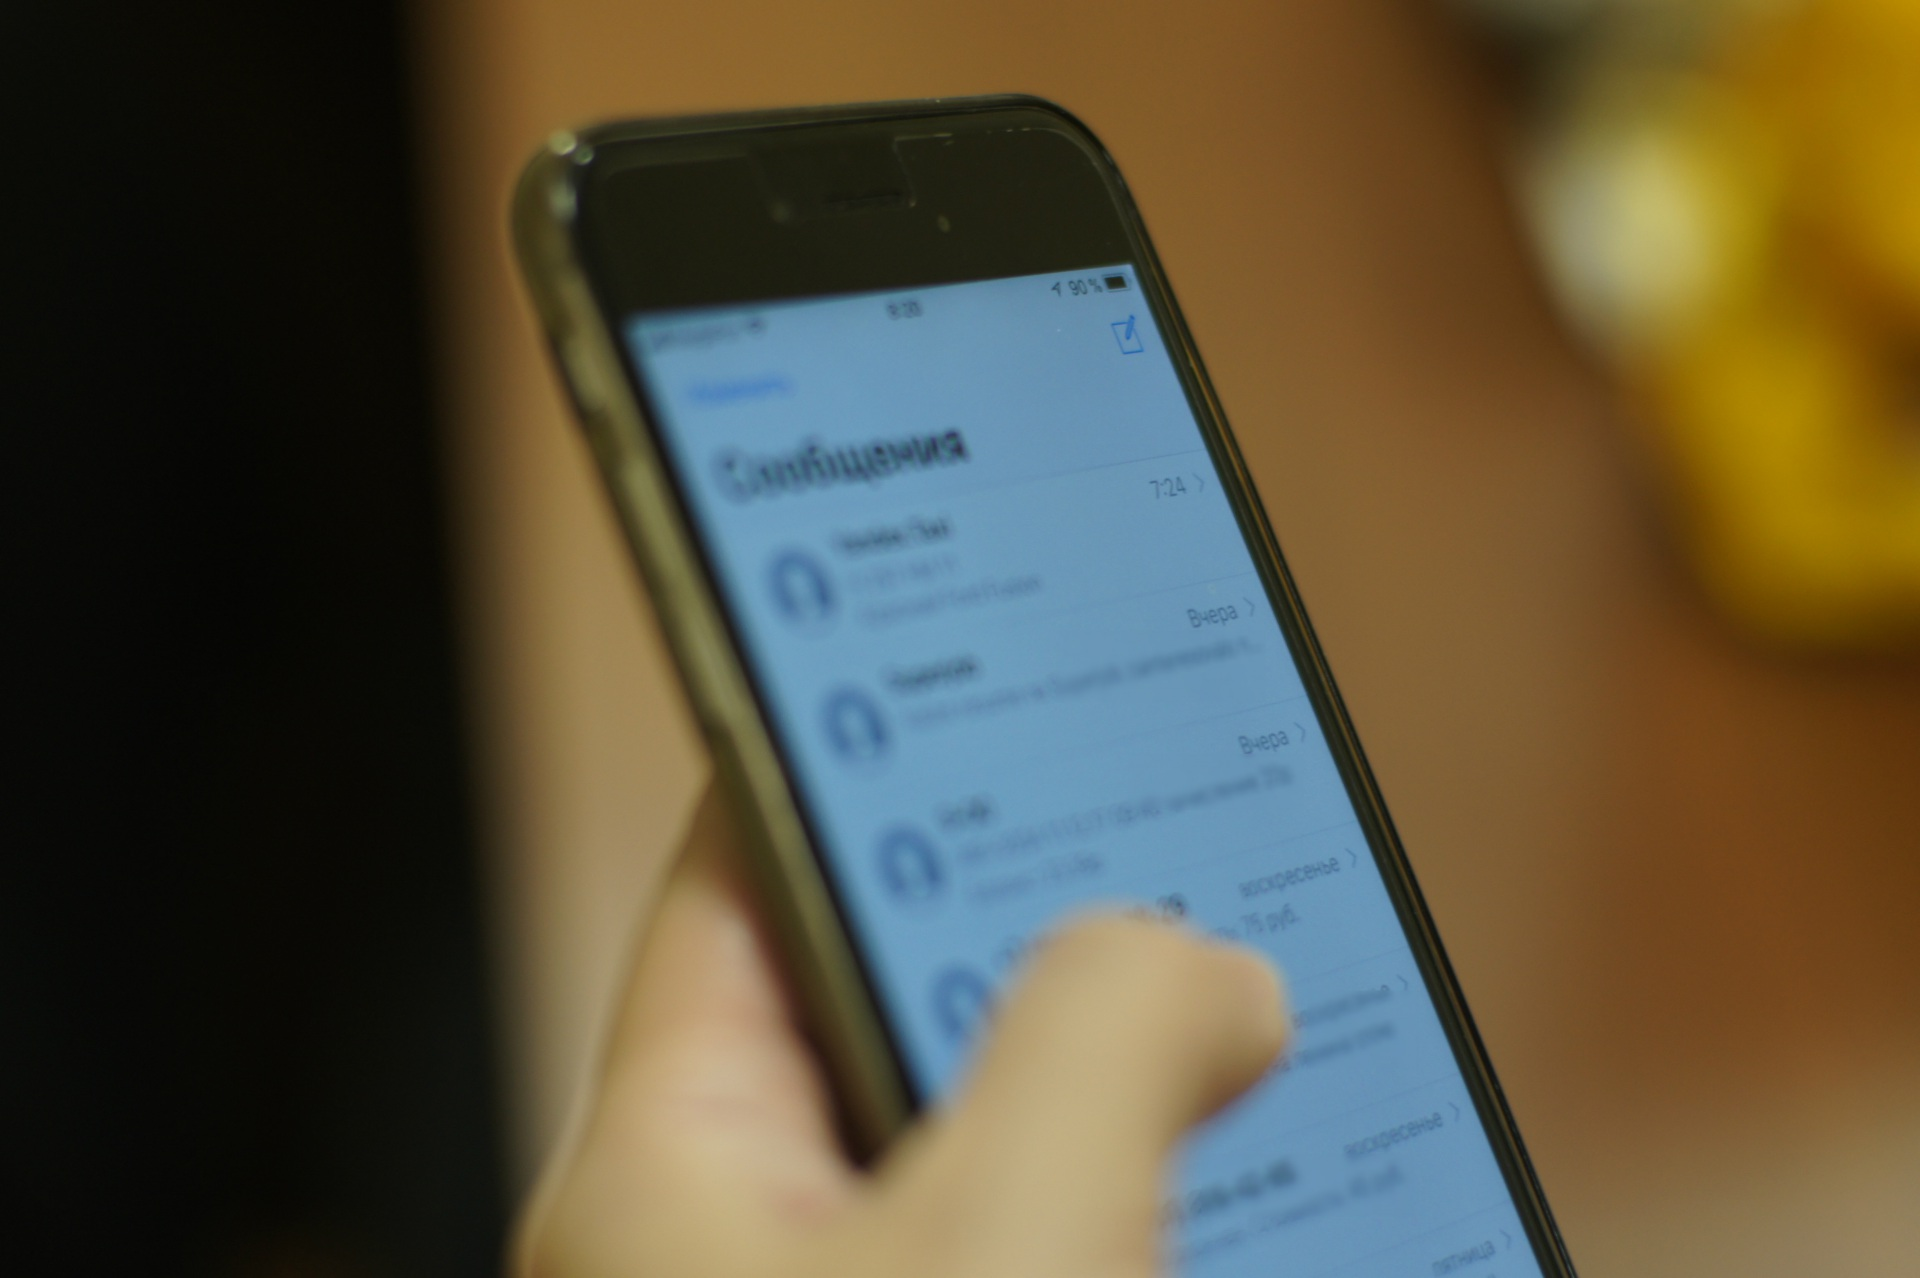 В Коми должники начали получать смс-уведомления от судебных приставов